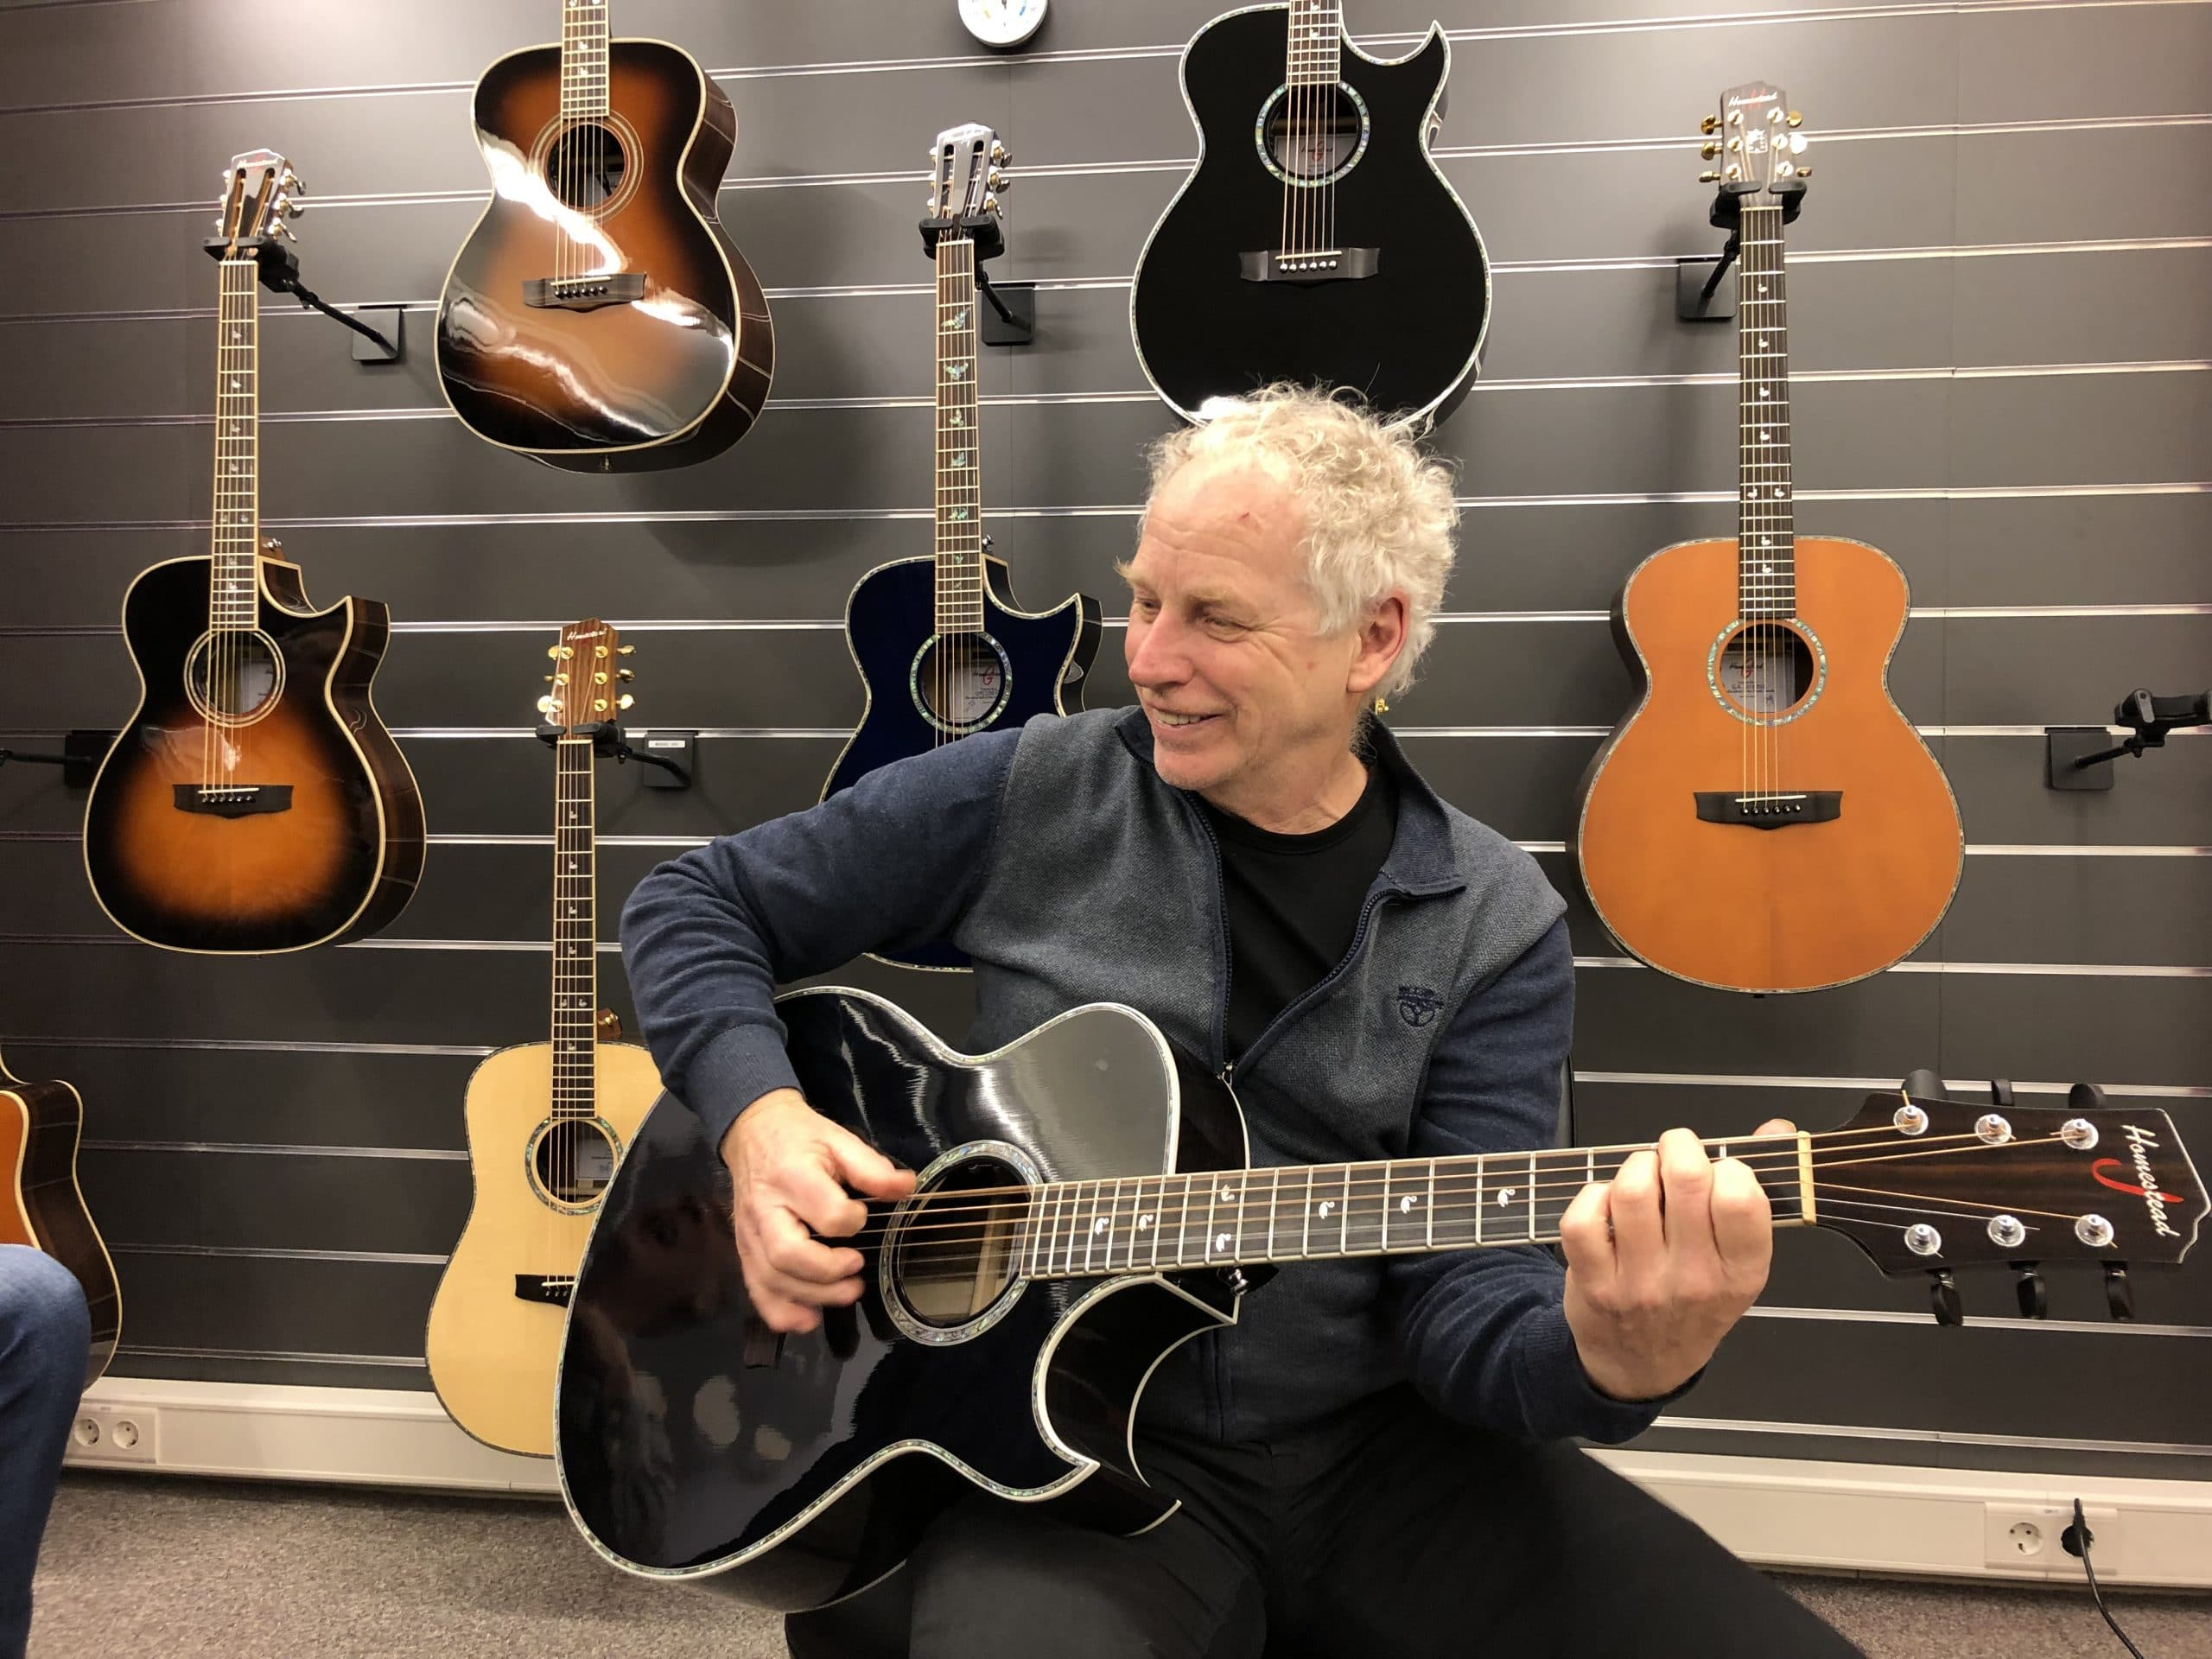 Ян Хендрикс теперь тоже играет на гитаре Homestead, 11 февраля 2019 г.